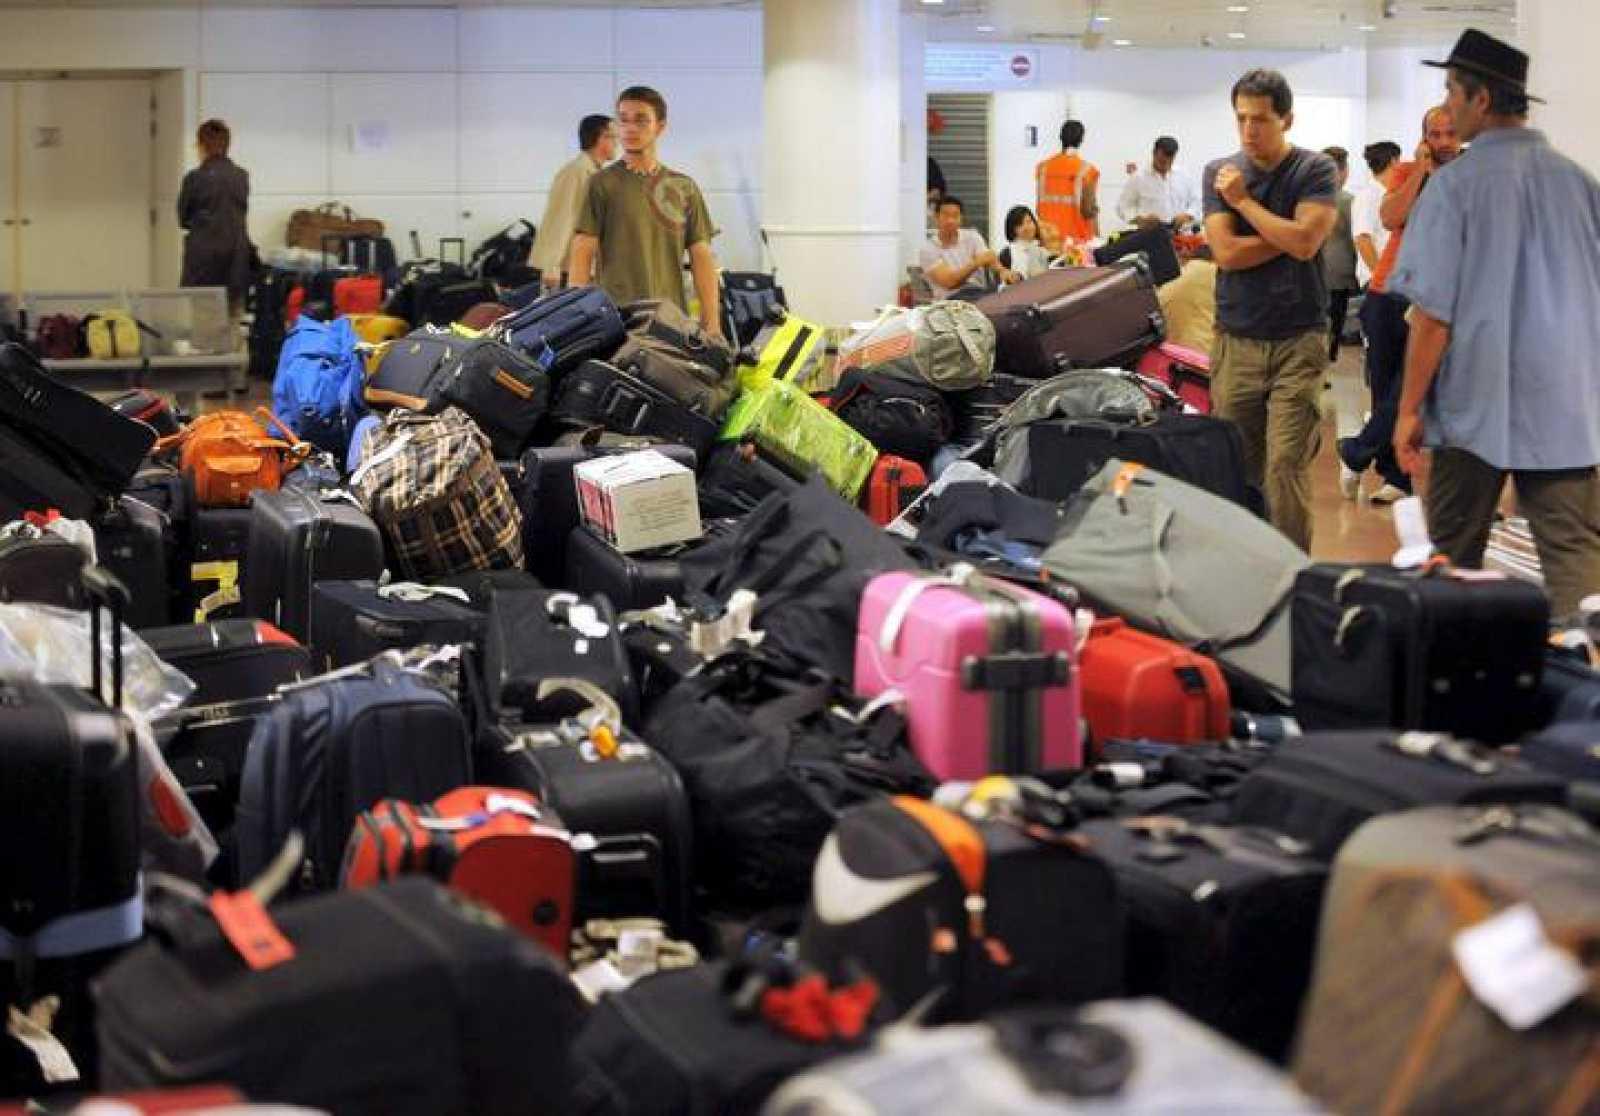 A pesar de que la huelga de los trabajadores encargados de los equipajes del aeropuerto de Bruselas ha finalizado, los pasajeros tienen problemas para poder viajar desde o hacia Bruselas.200 españoles esperan un vuelo para poder volver a casa en Brus